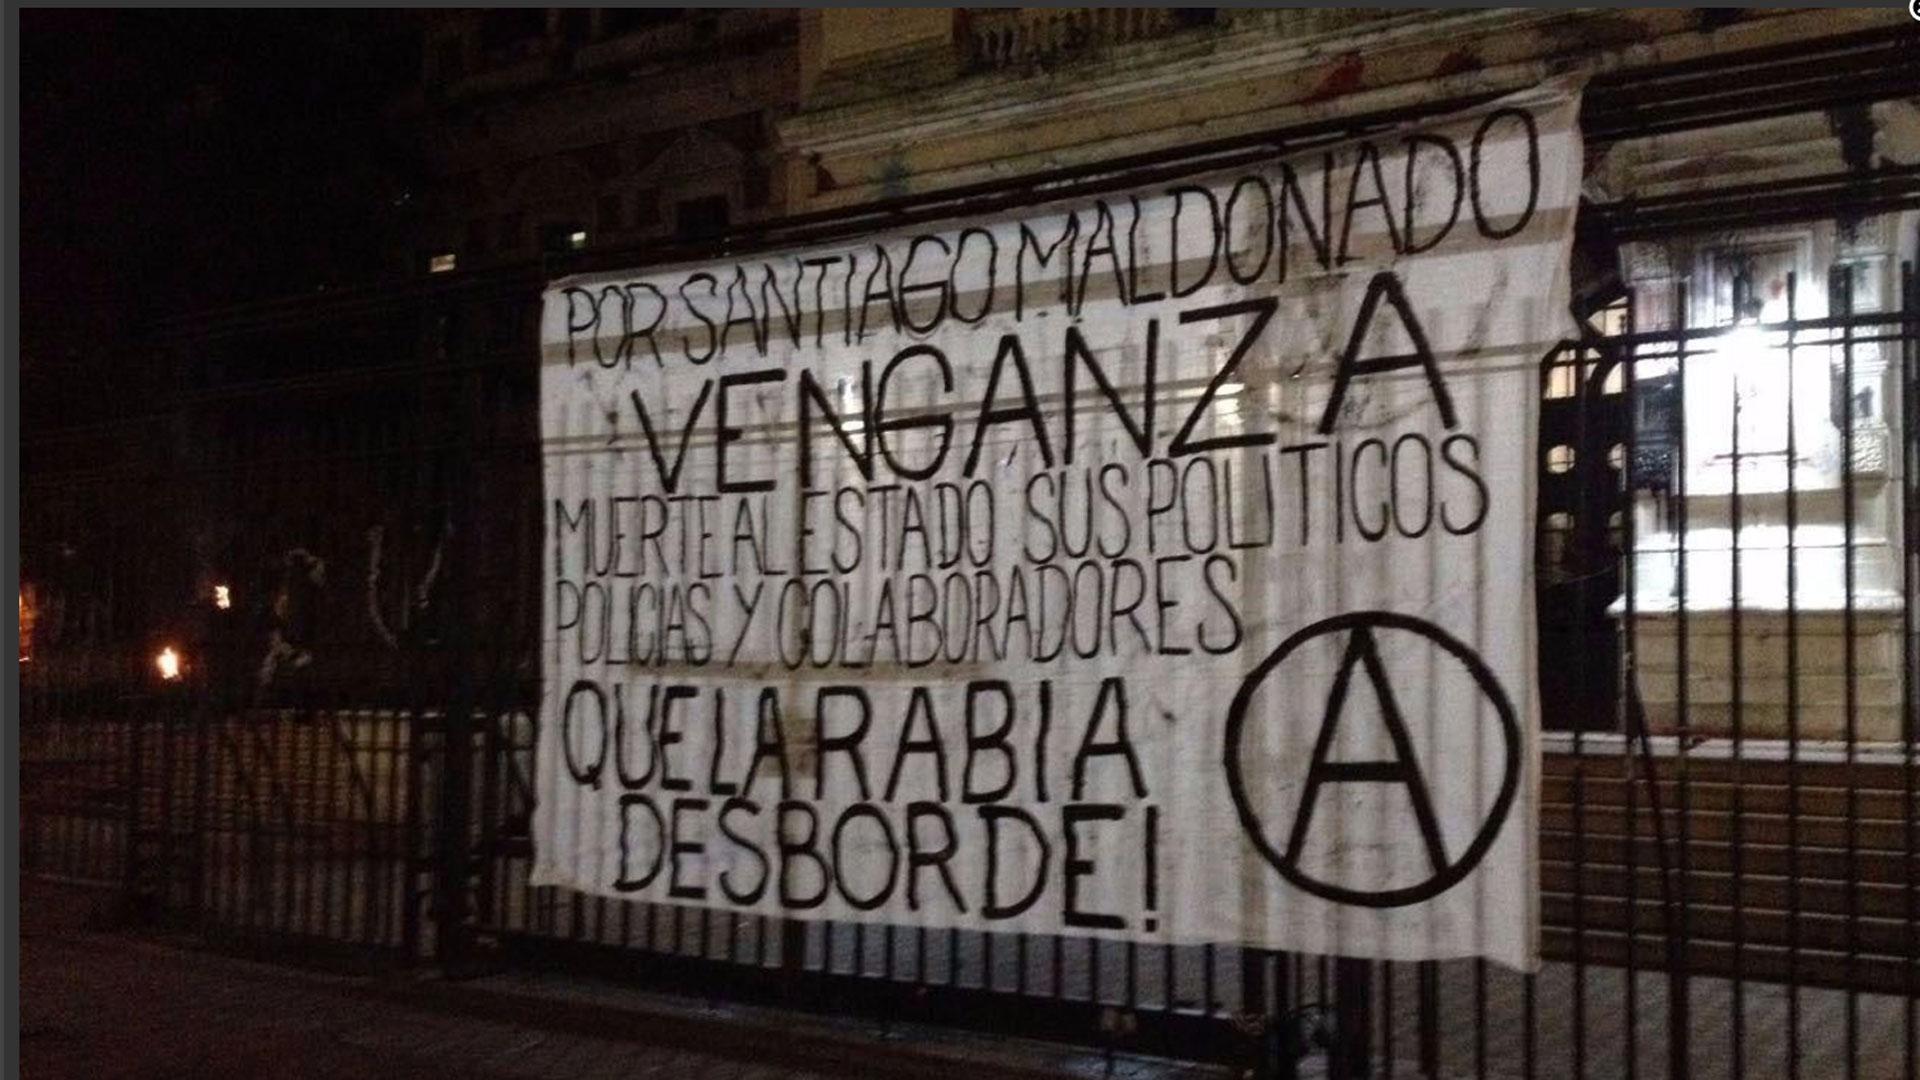 Gentileza diario El Dia de La Plata